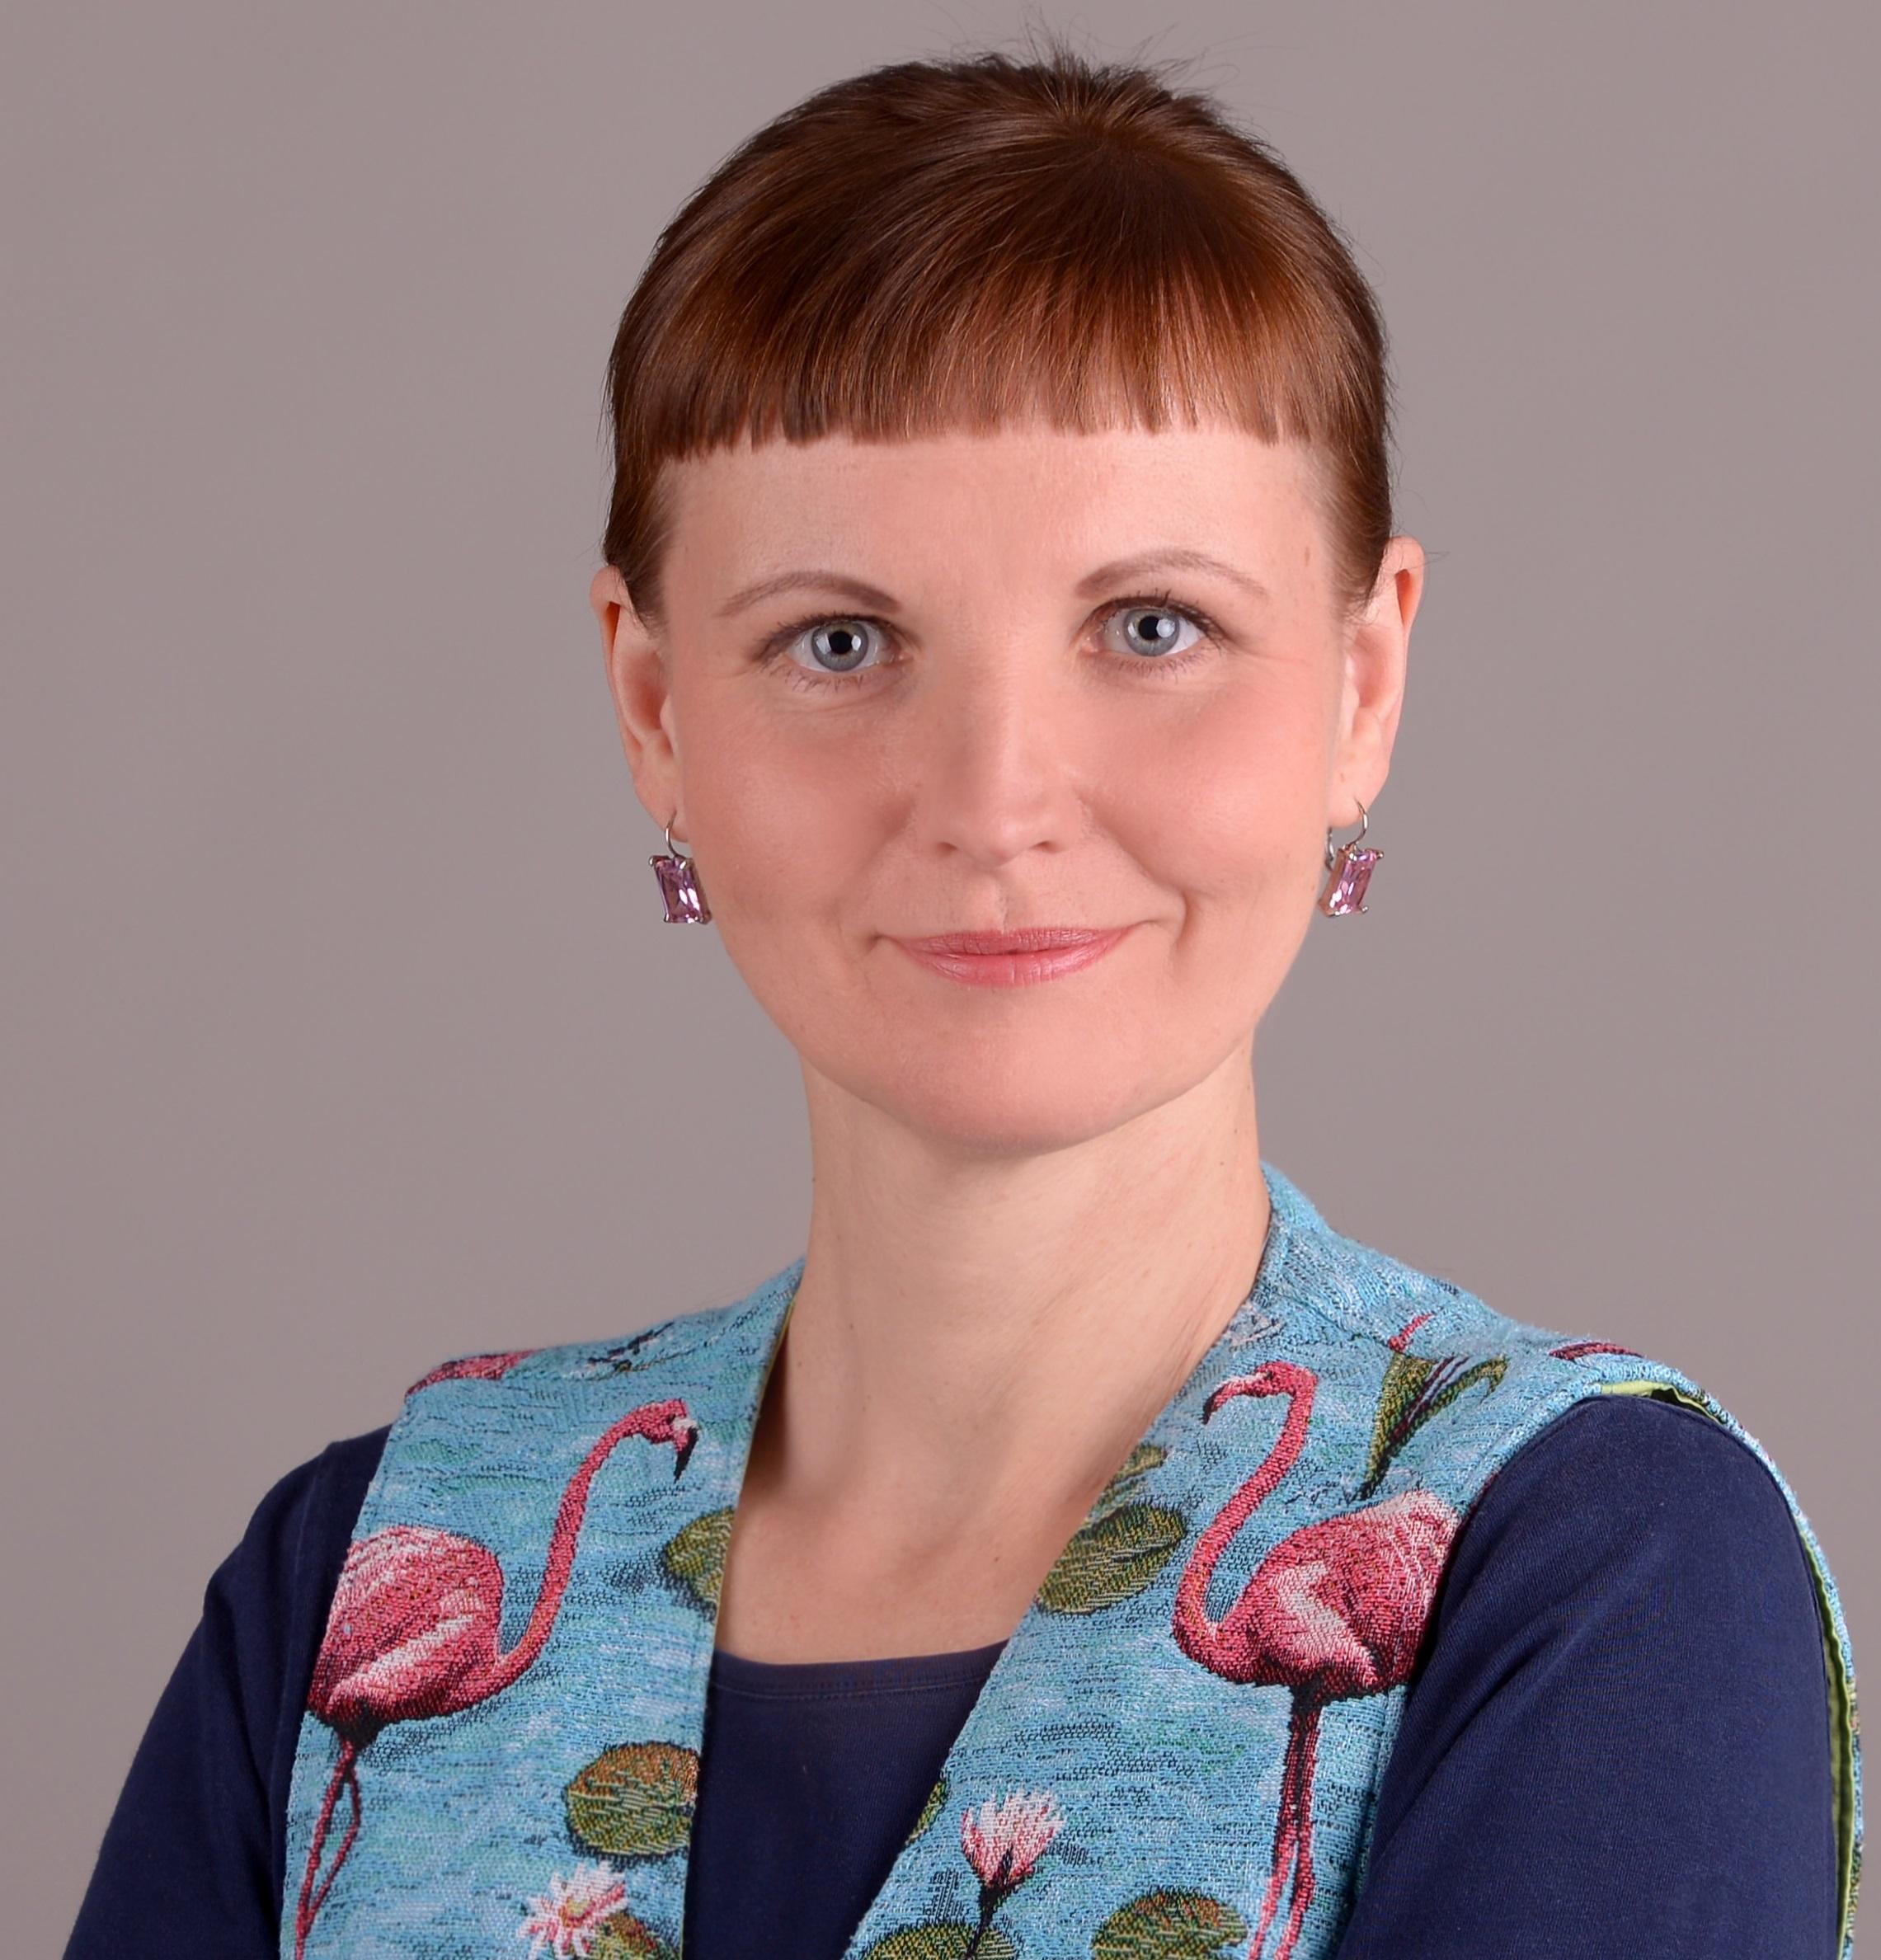 Eckert, Anke Andrea - Praxis für Gestaltungstherapie / Klinische Kunsttherapie